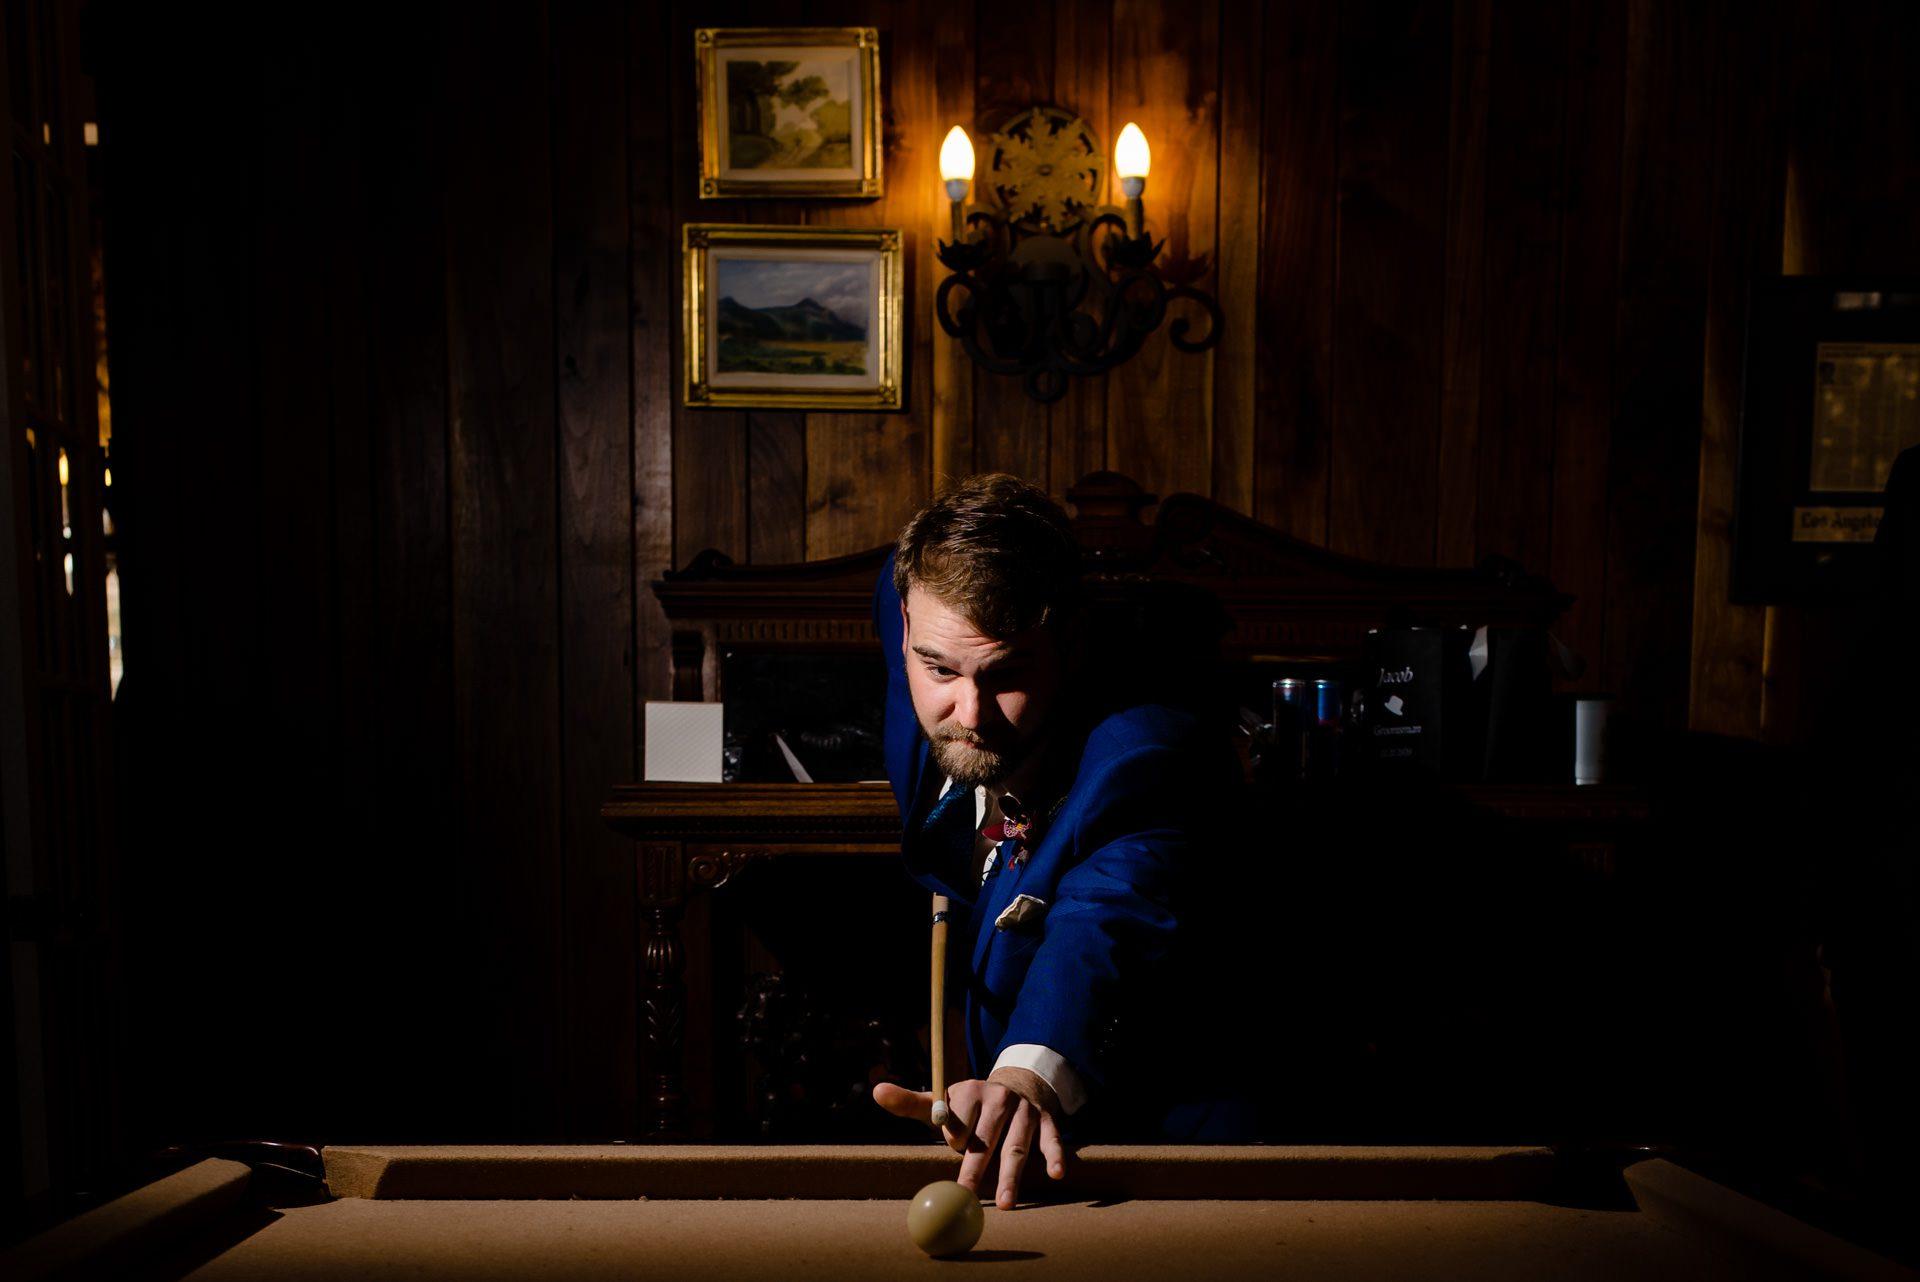 groom shooting pool before getting married